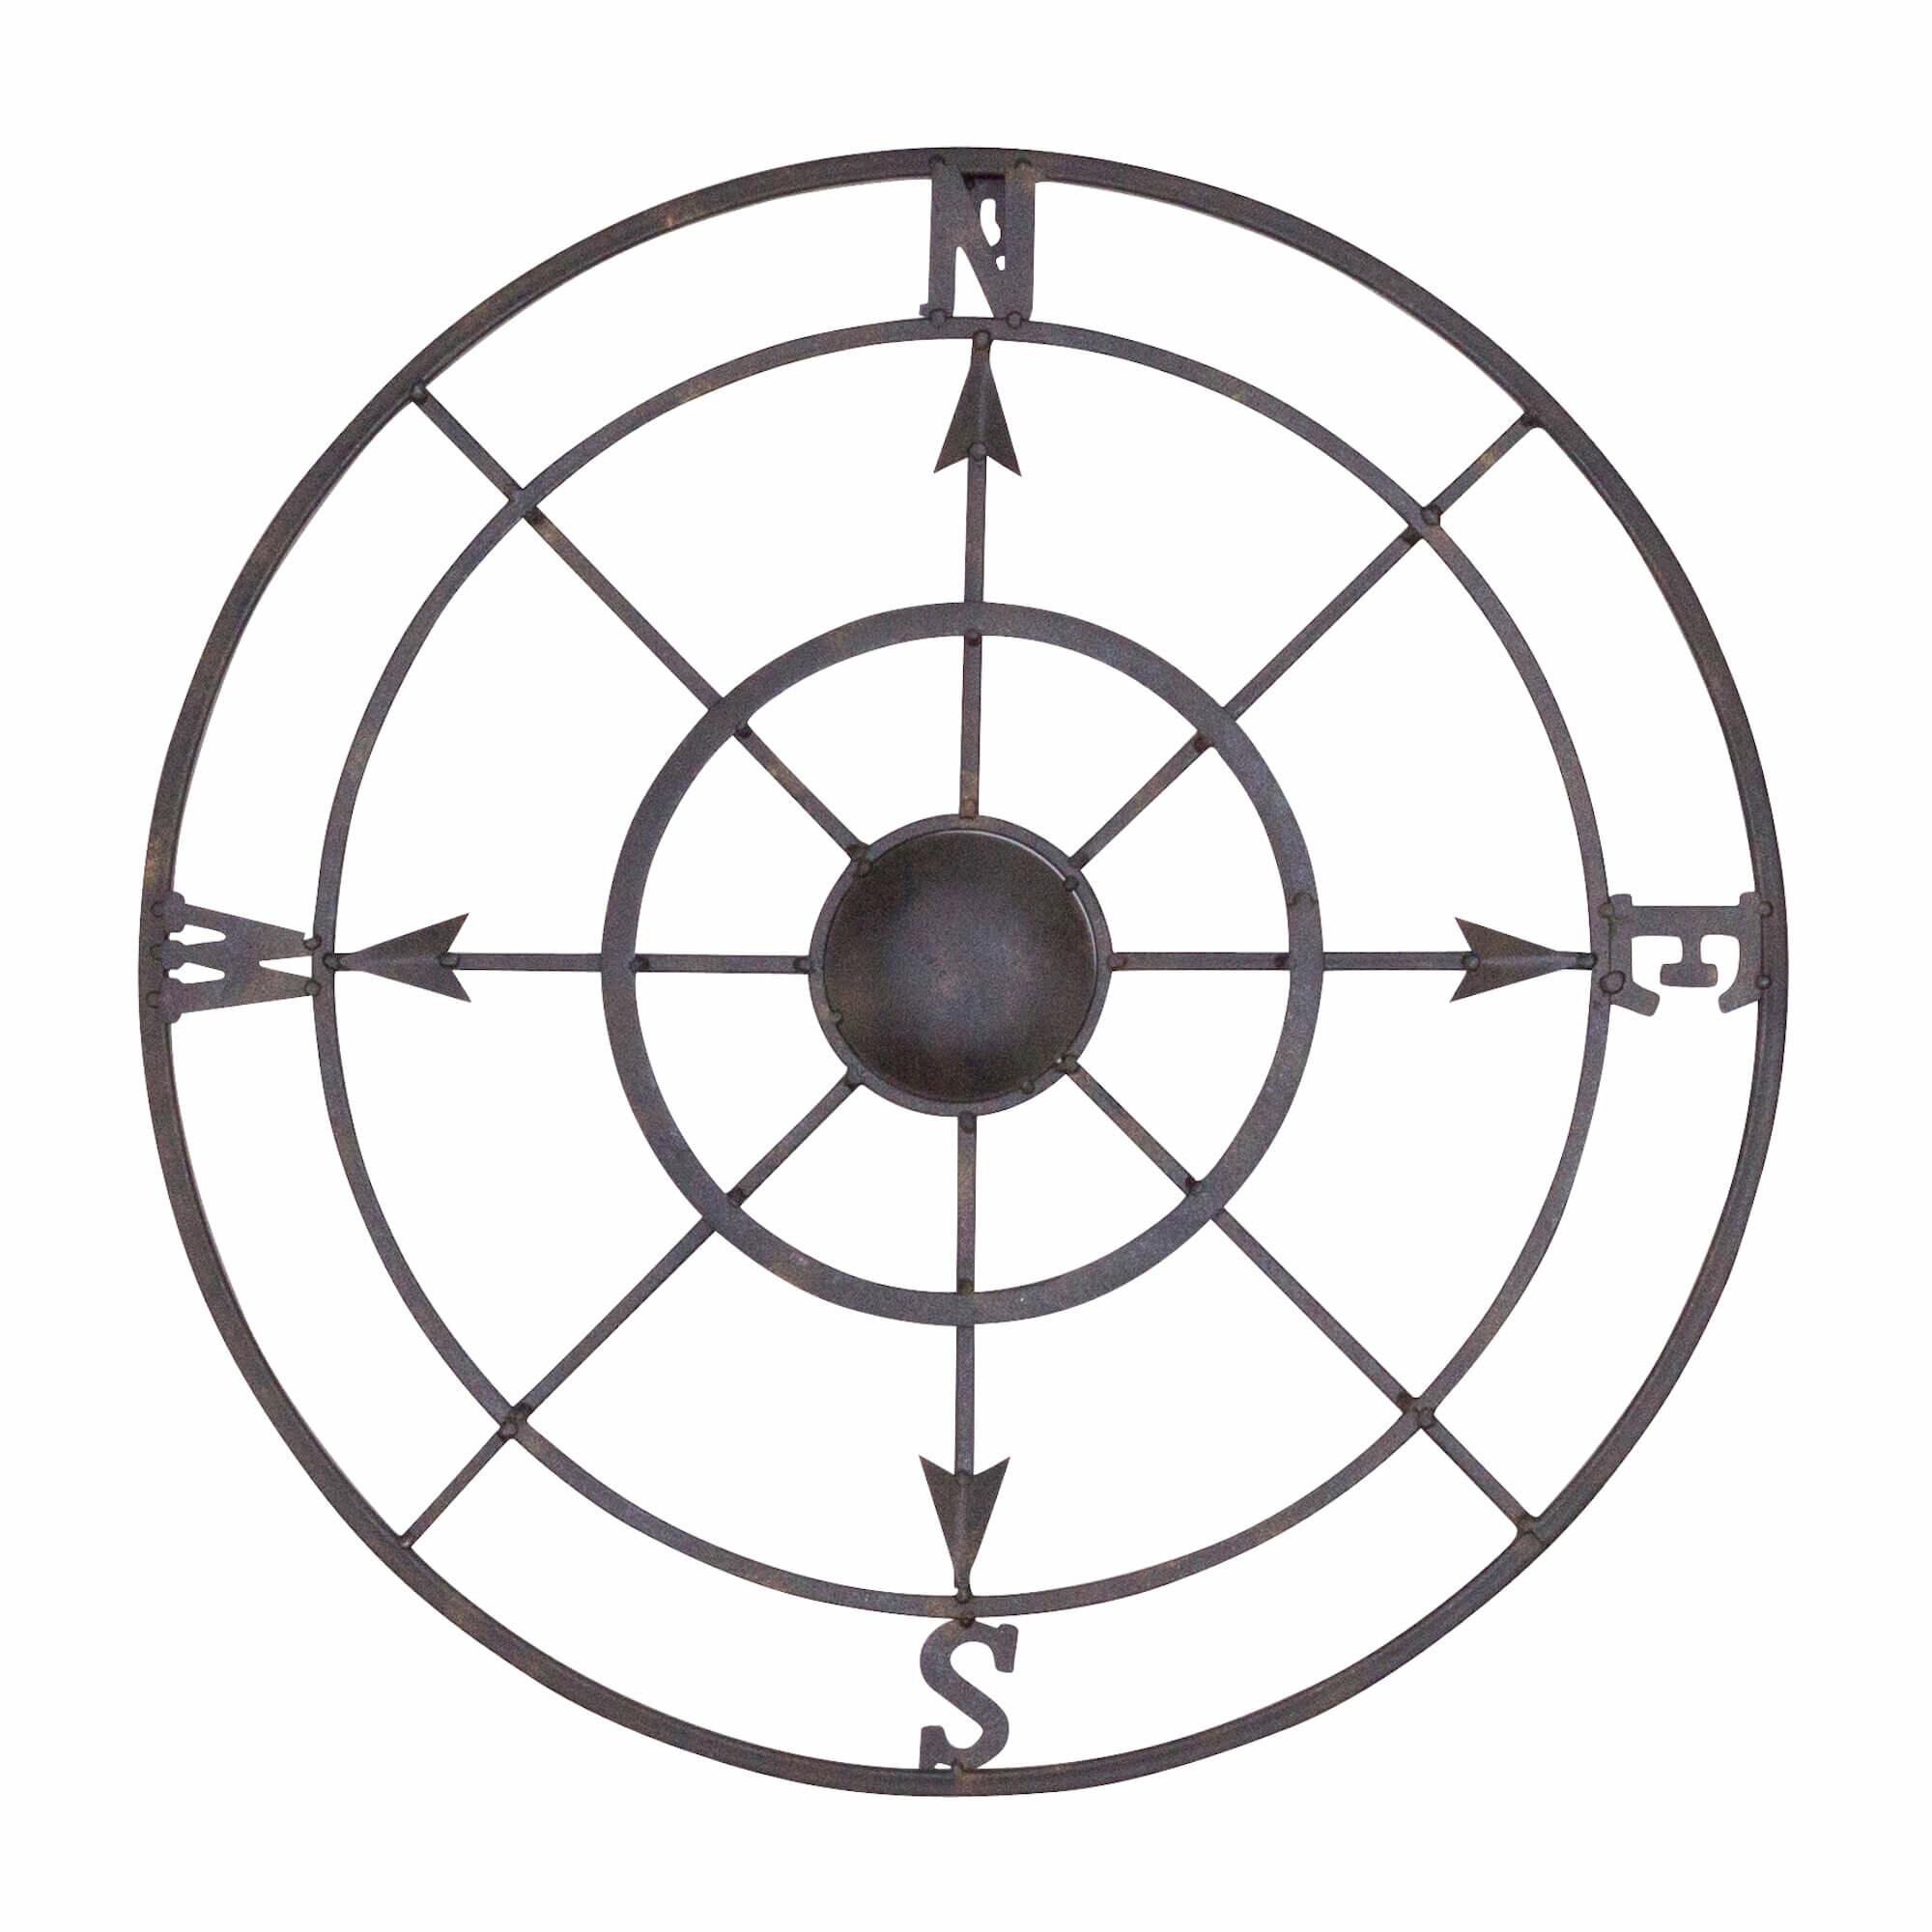 Bayaccents Nautical Metal Compass Rose Wall Décor Reviews Wayfair